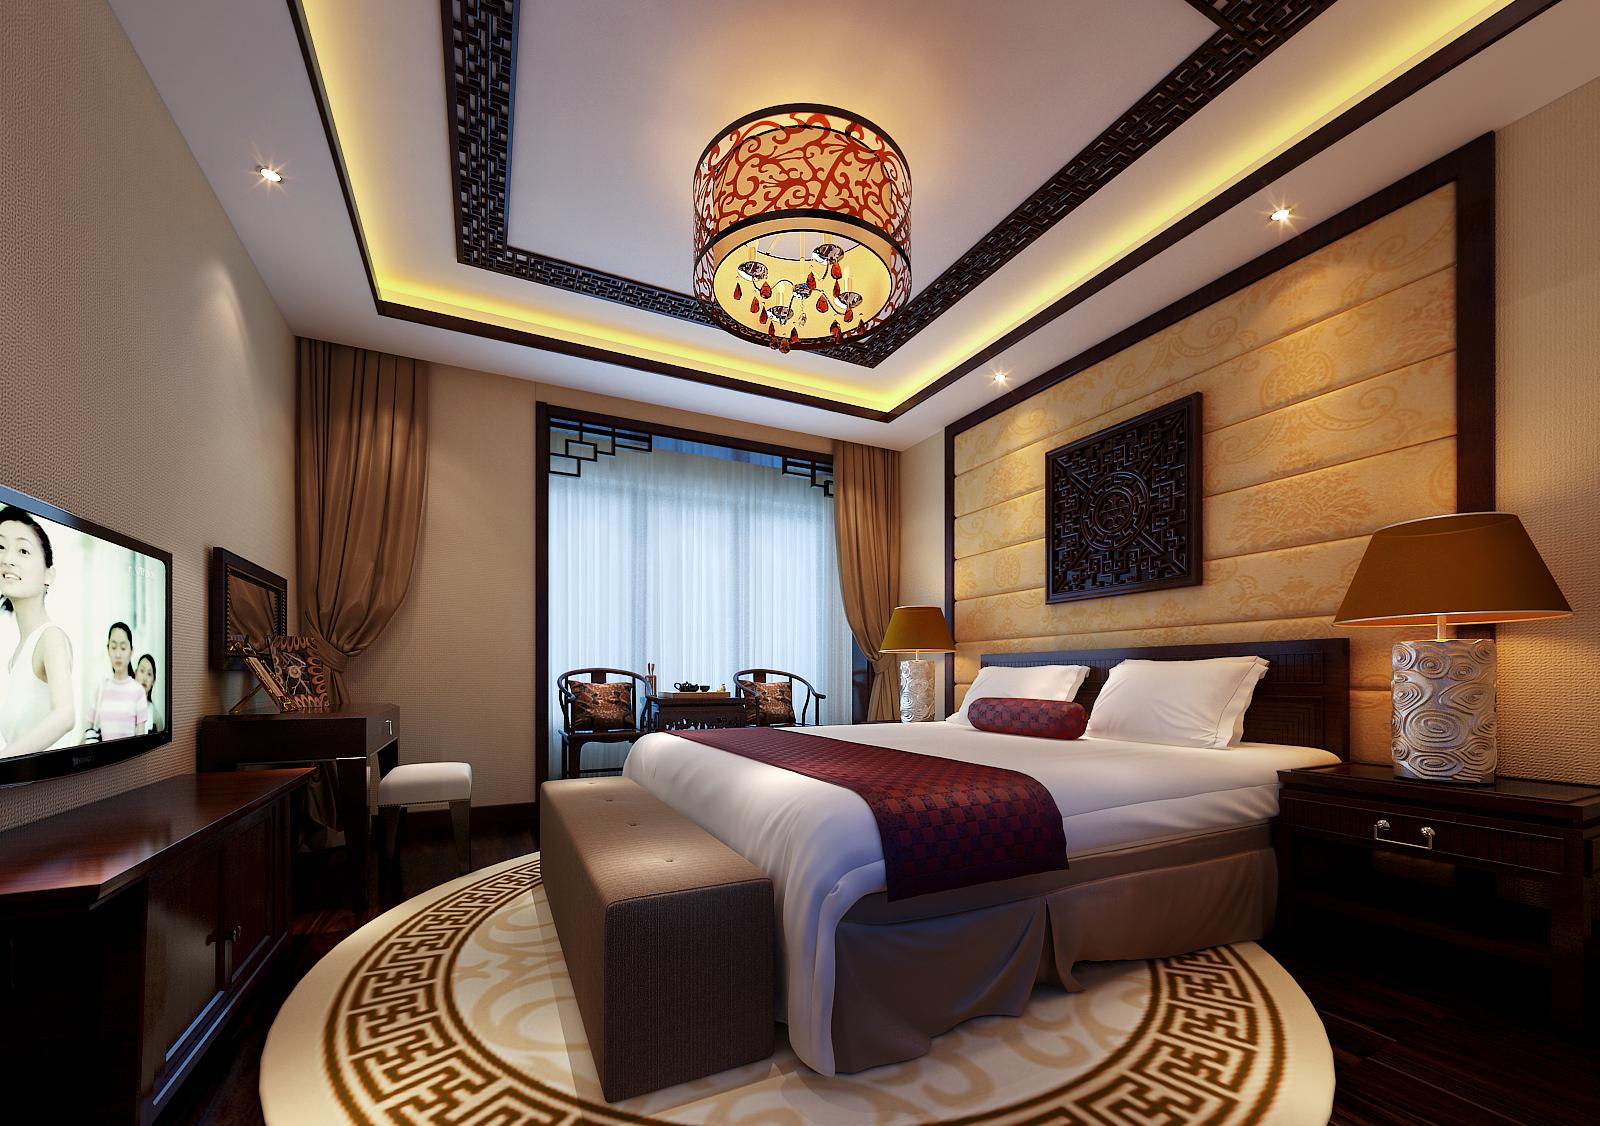 三居 客厅 卧室 餐厅 中式风格图片来自上海实创-装修设计效果图在稳重充满书香的中式空间的分享